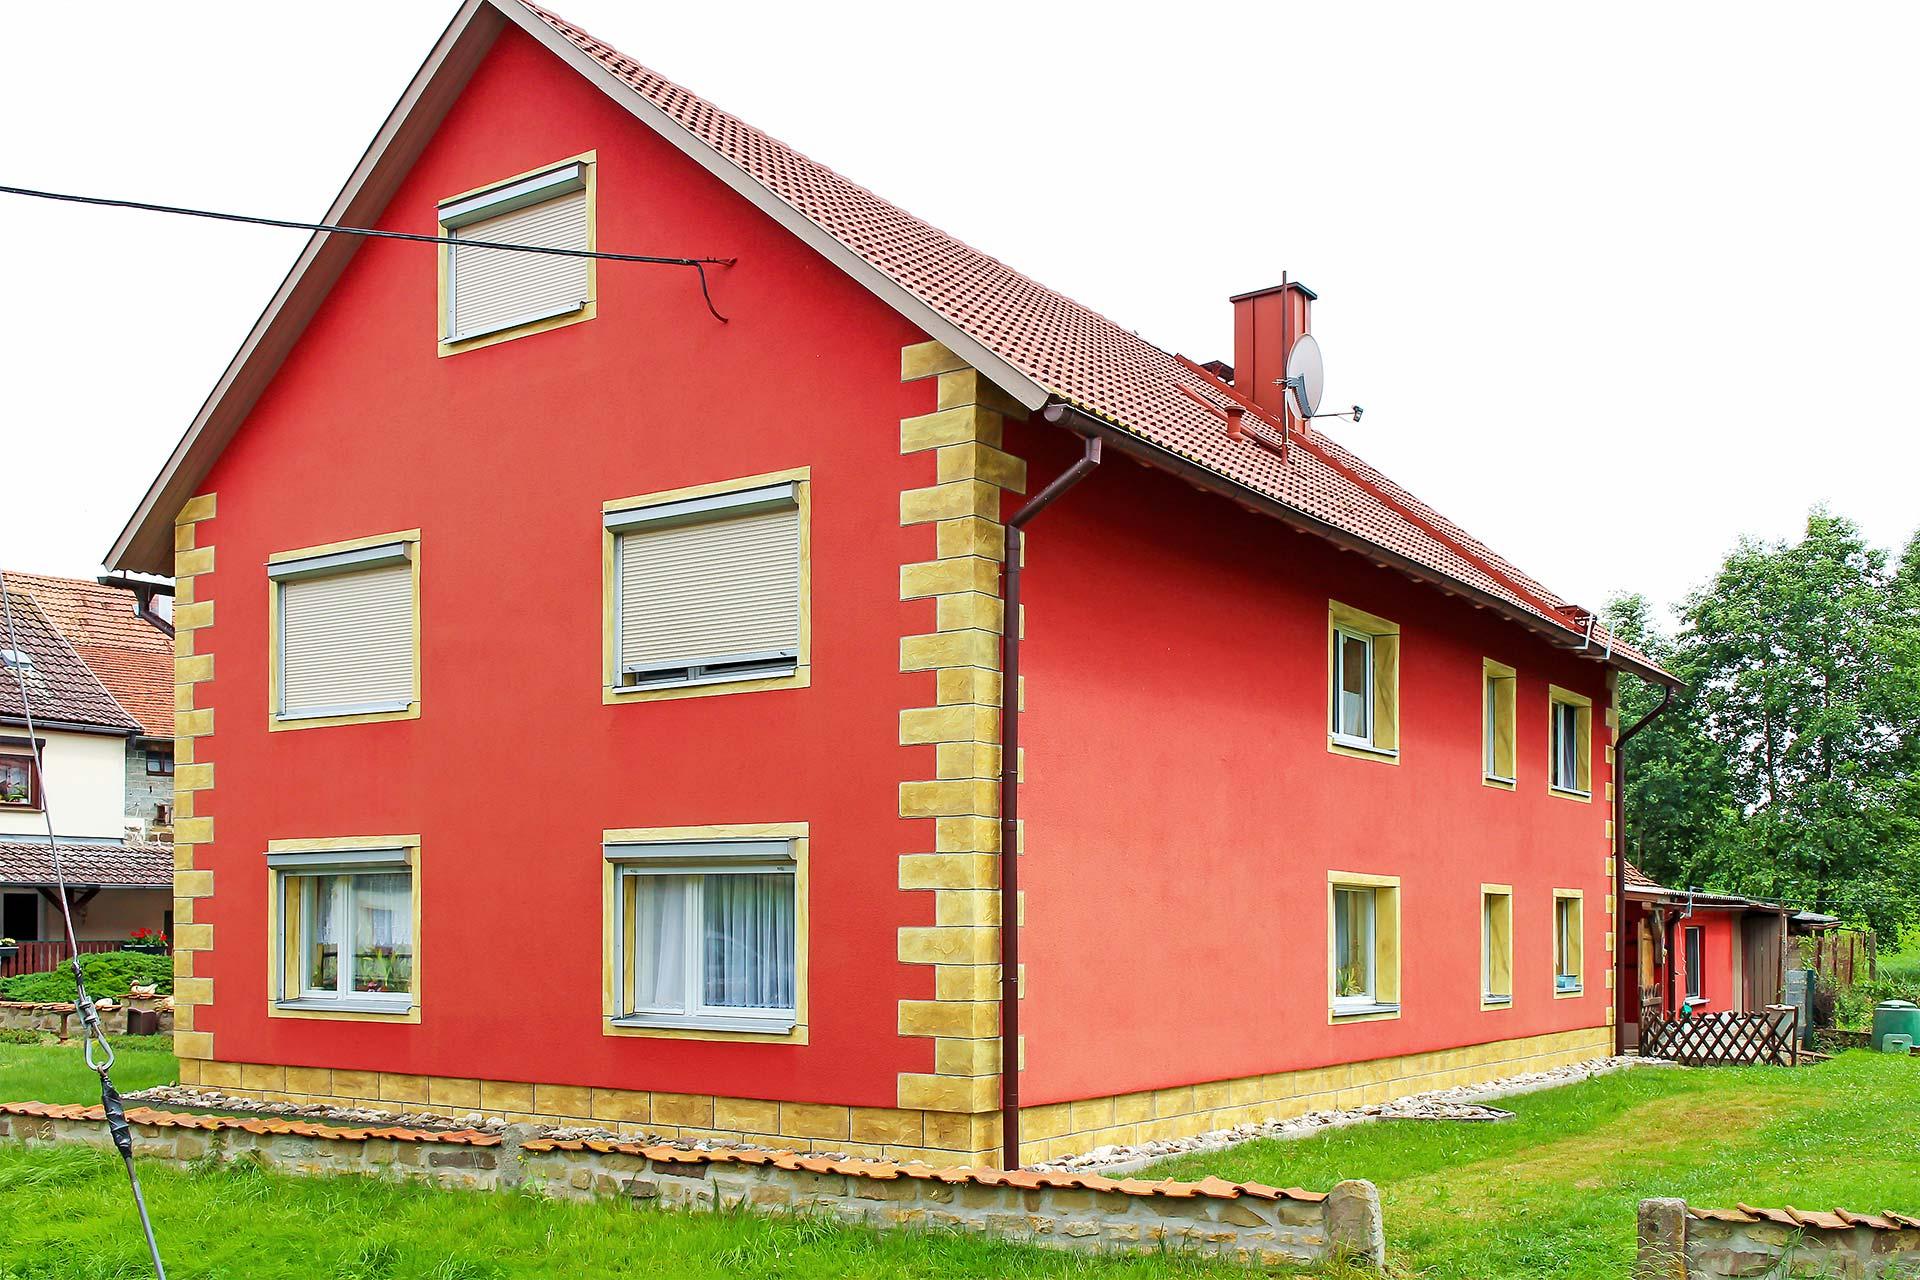 Außenfassade eines Wohnhauses mit auffälligem roten Außenputz und immitierten Sandsteinen mit Lasur